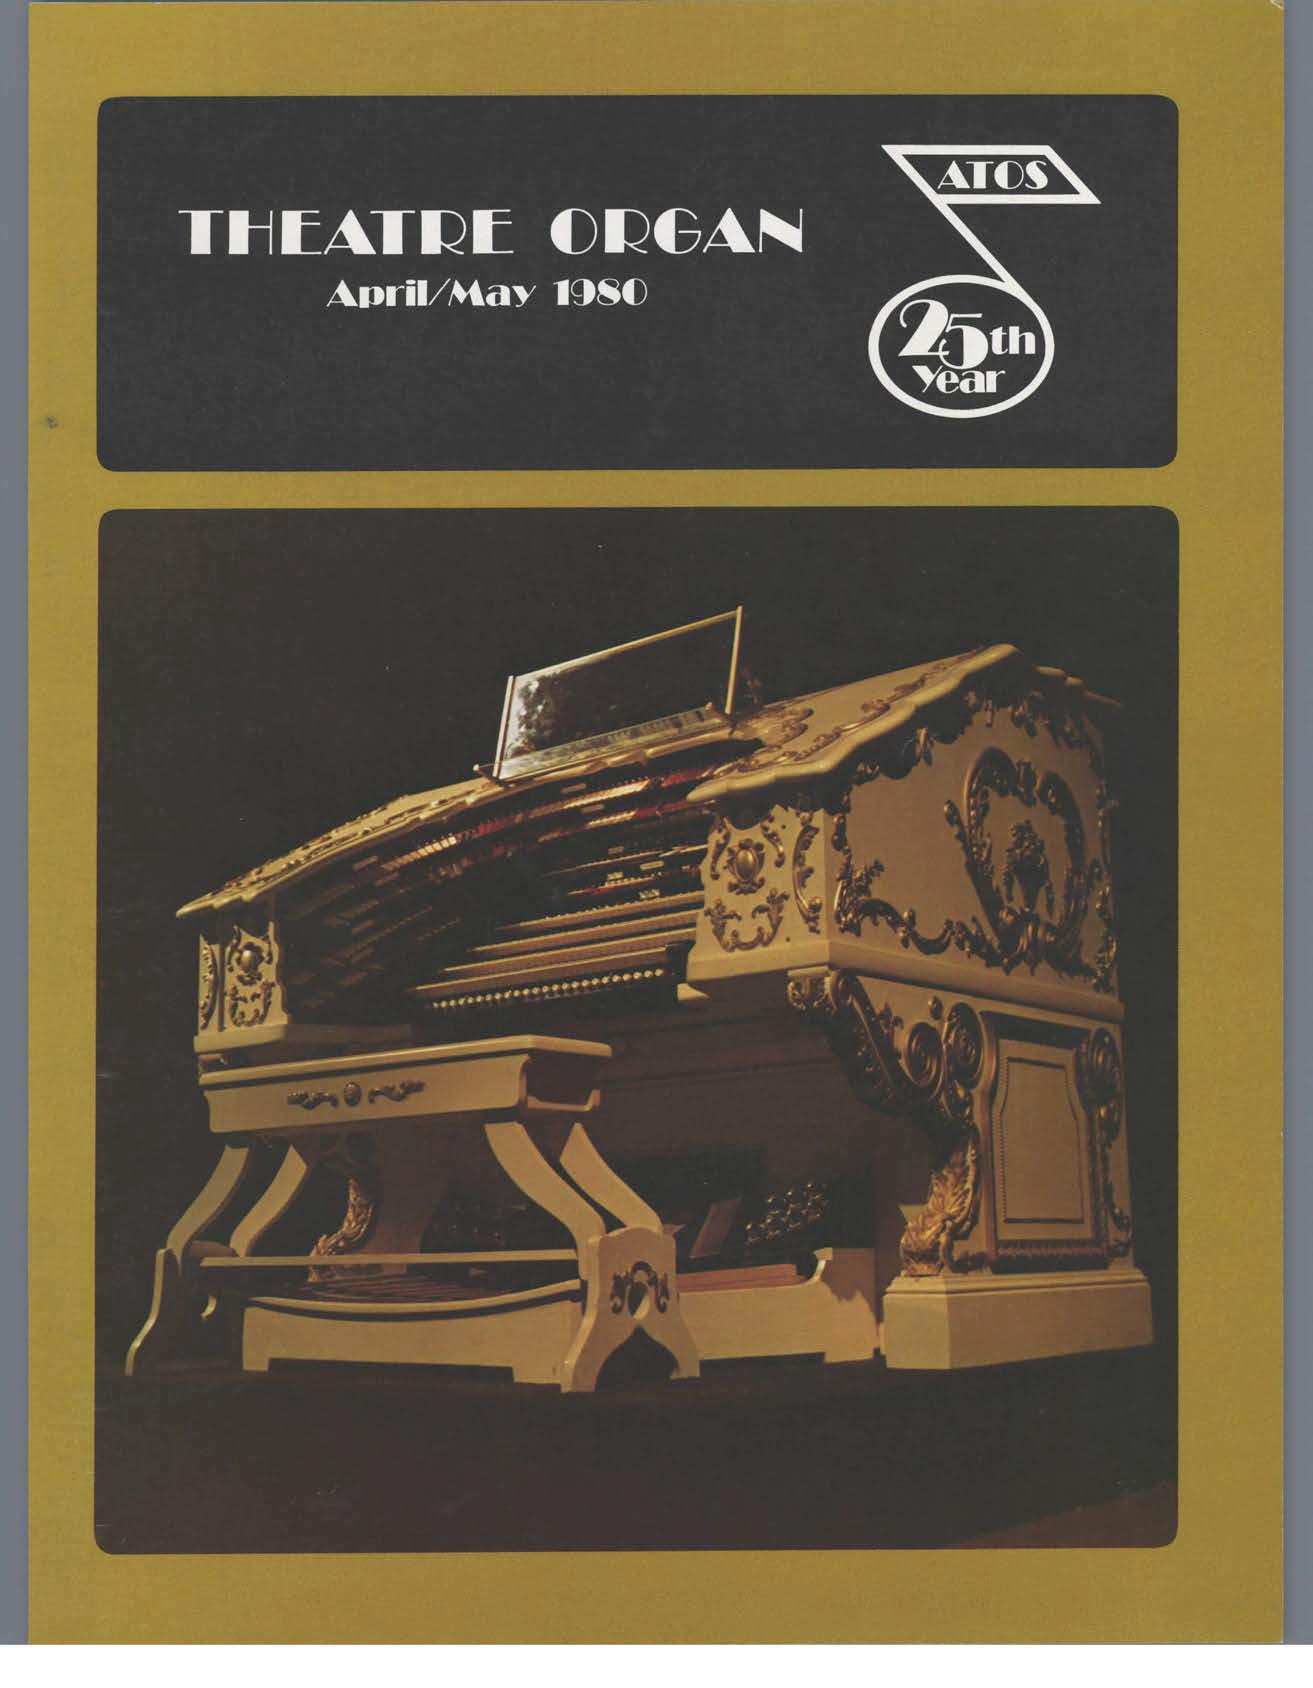 Theatre Organ, April - May 1980, Volume 22, Number 2